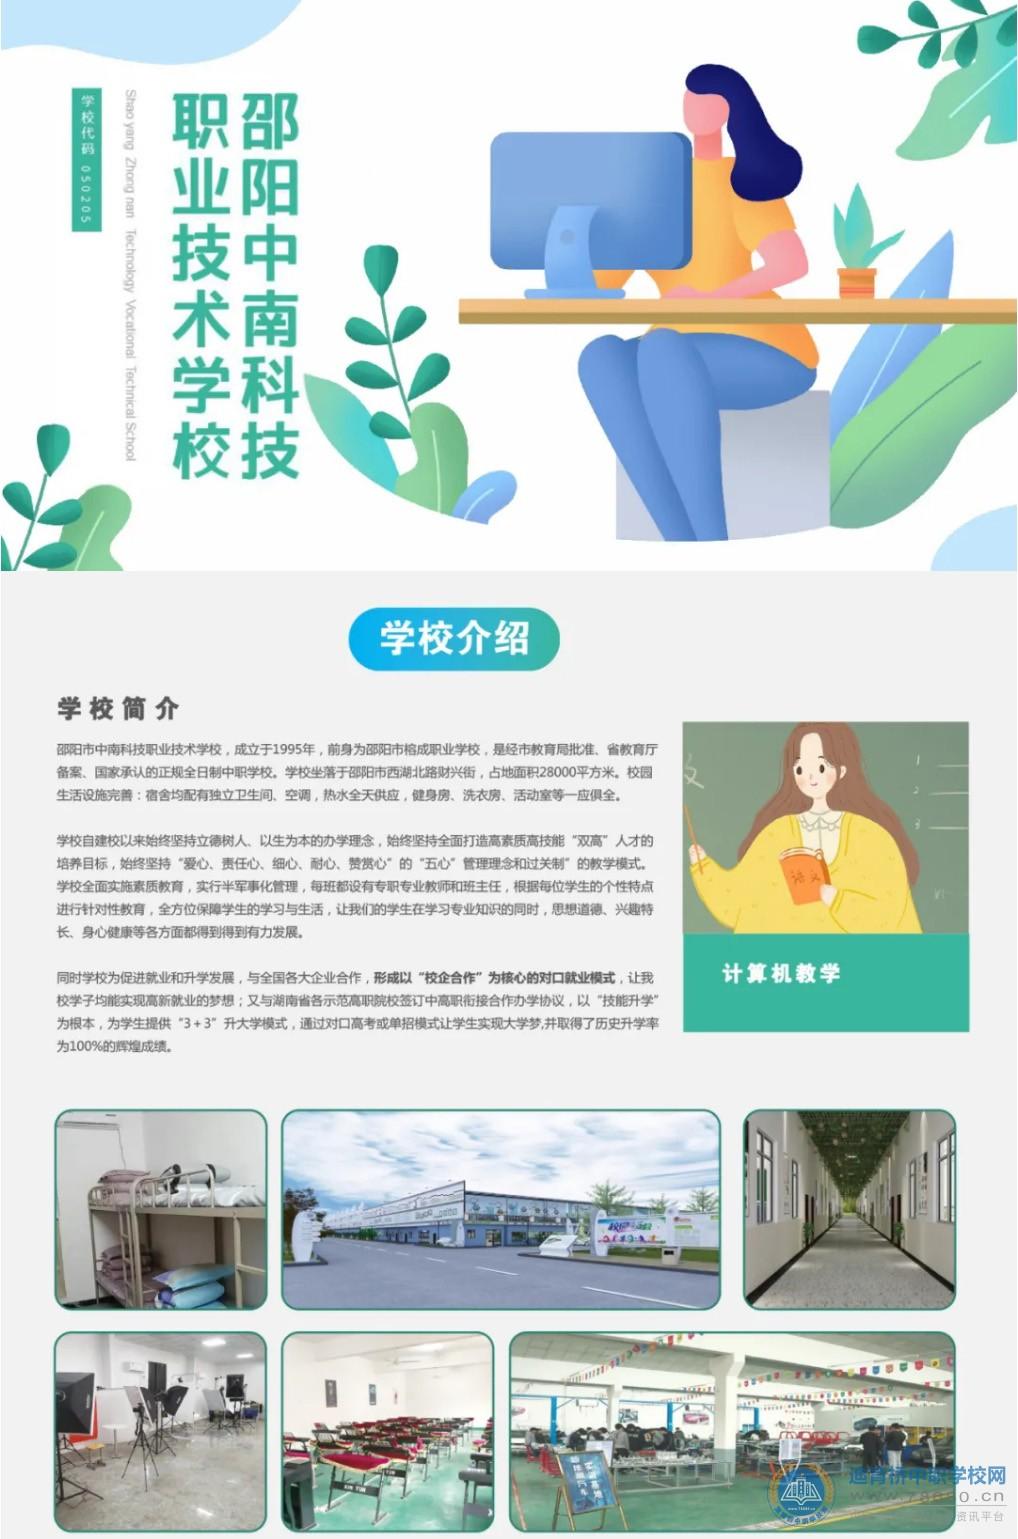 邵阳市中南科技职业技术学校2021年招生简章